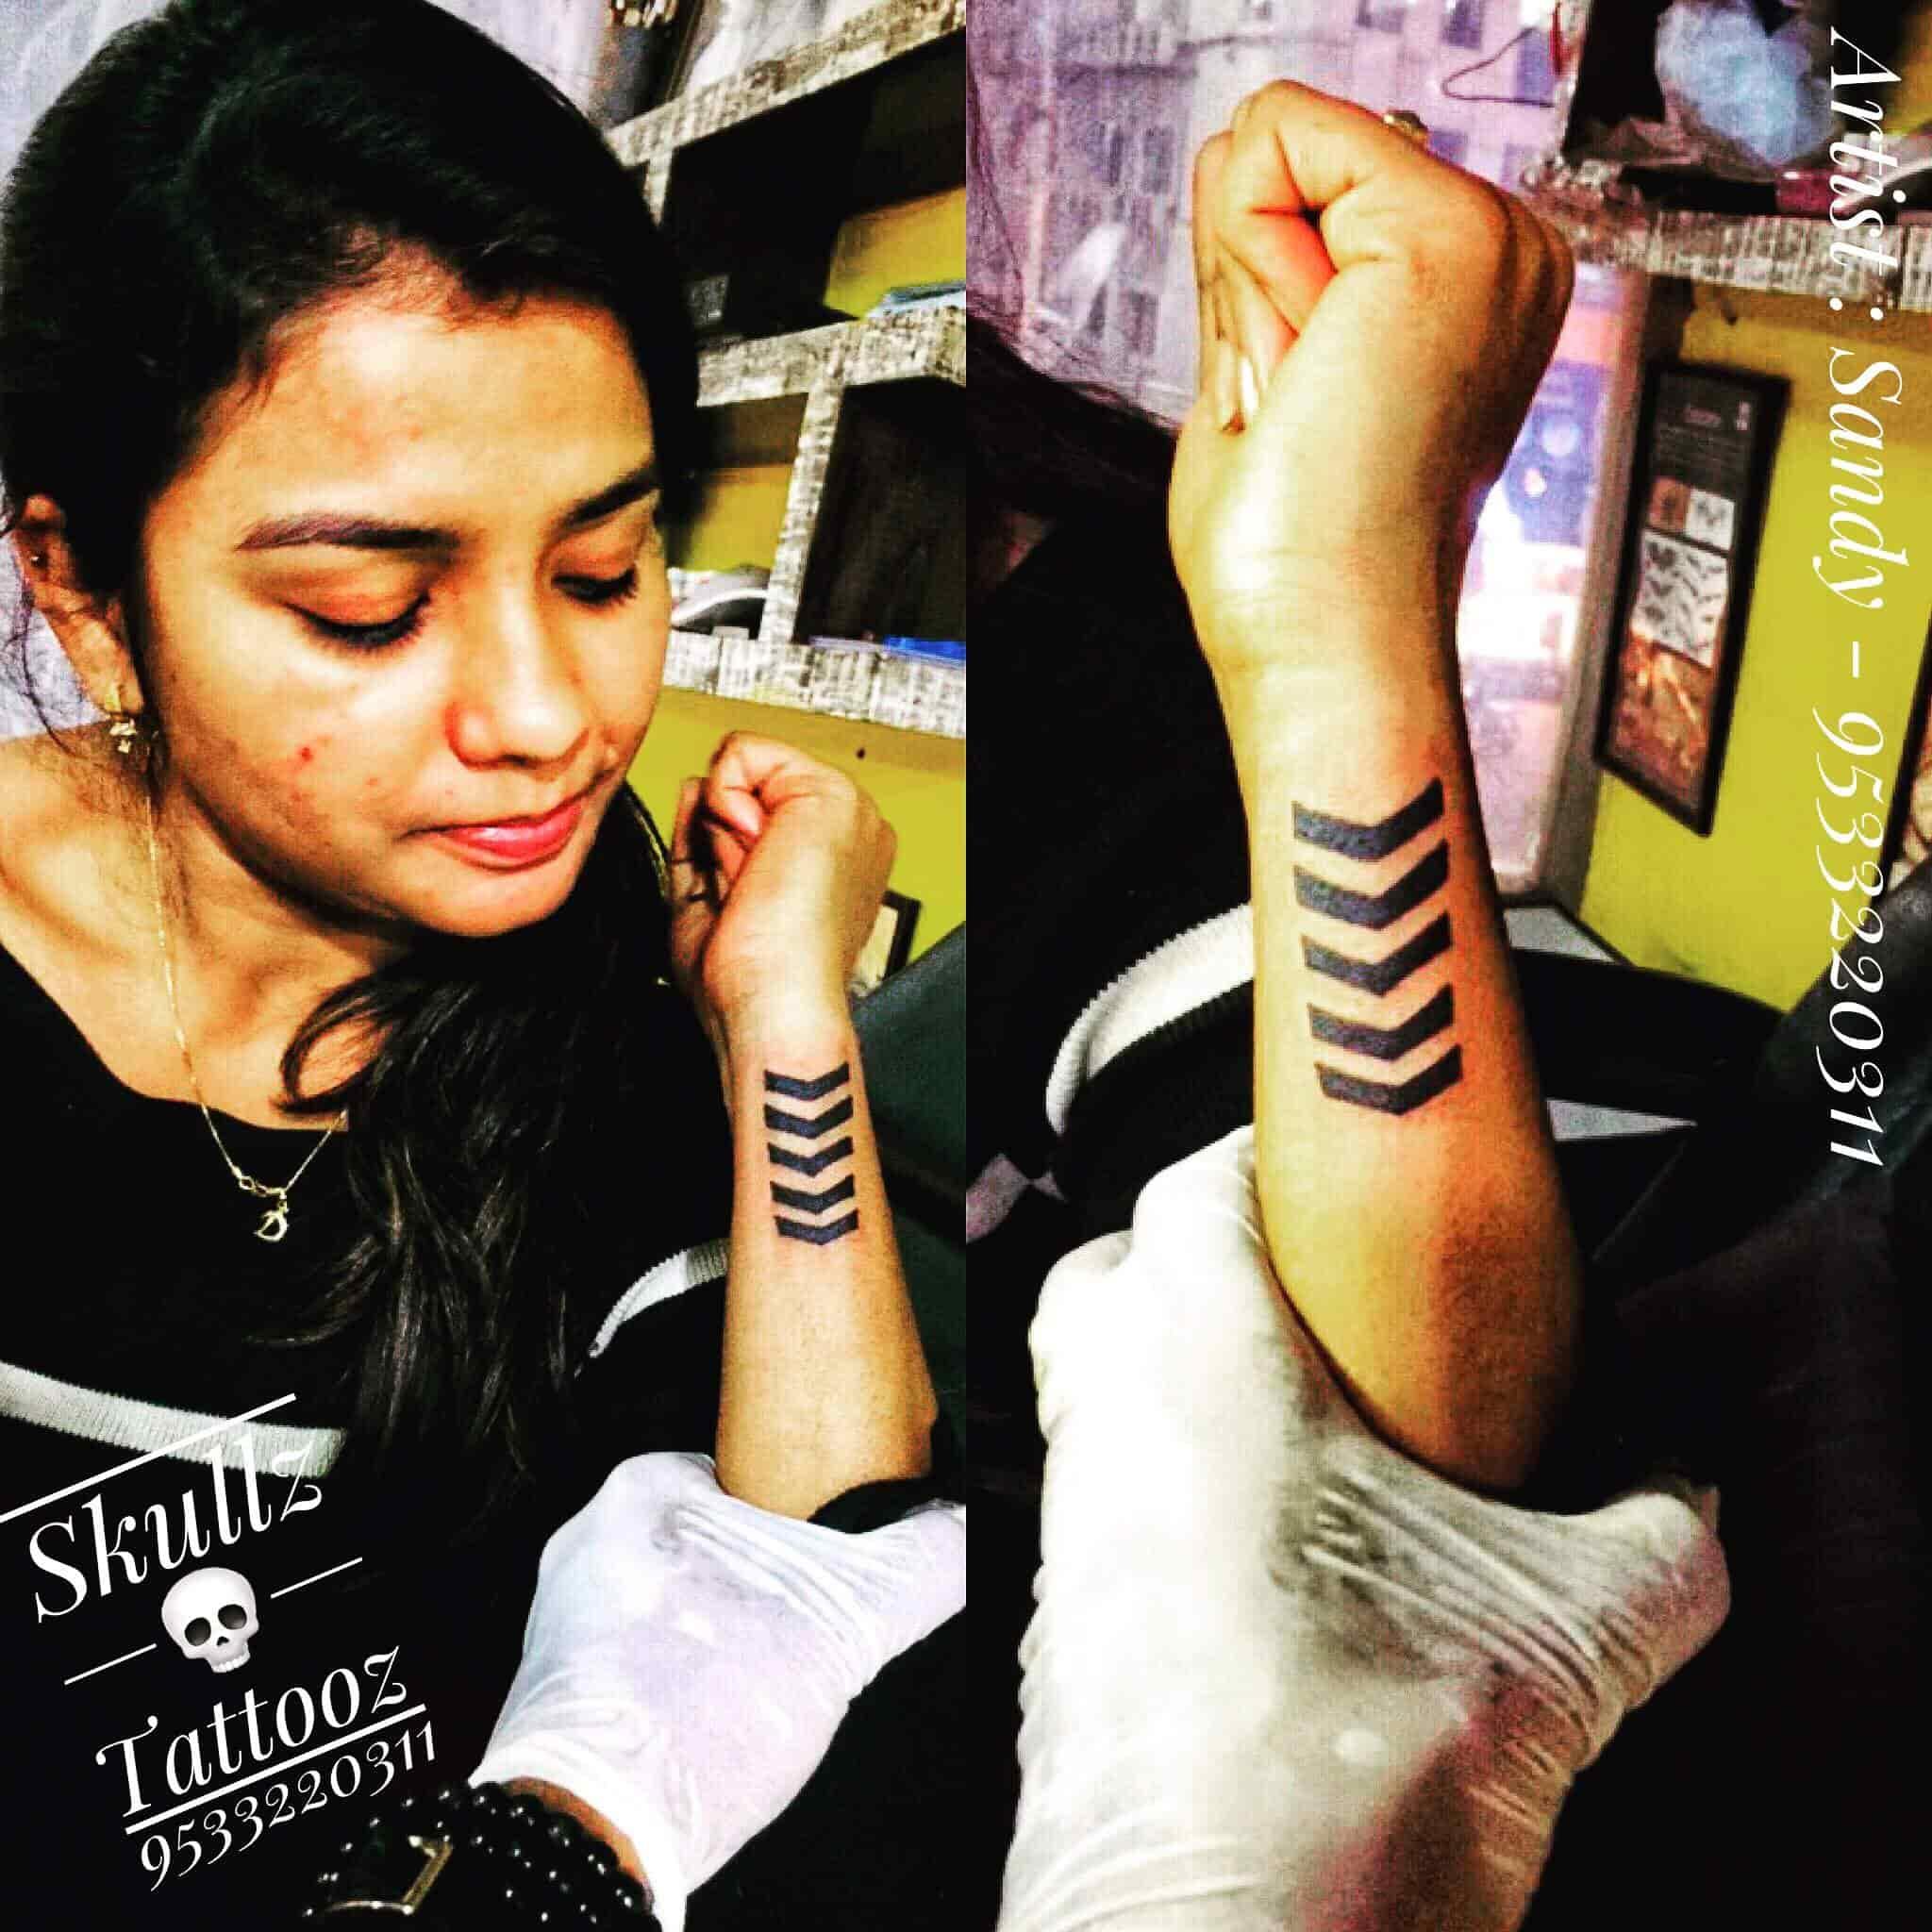 Skullz Tattooz Himayat Nagar Tattoo Artists In Hyderabad Justdial